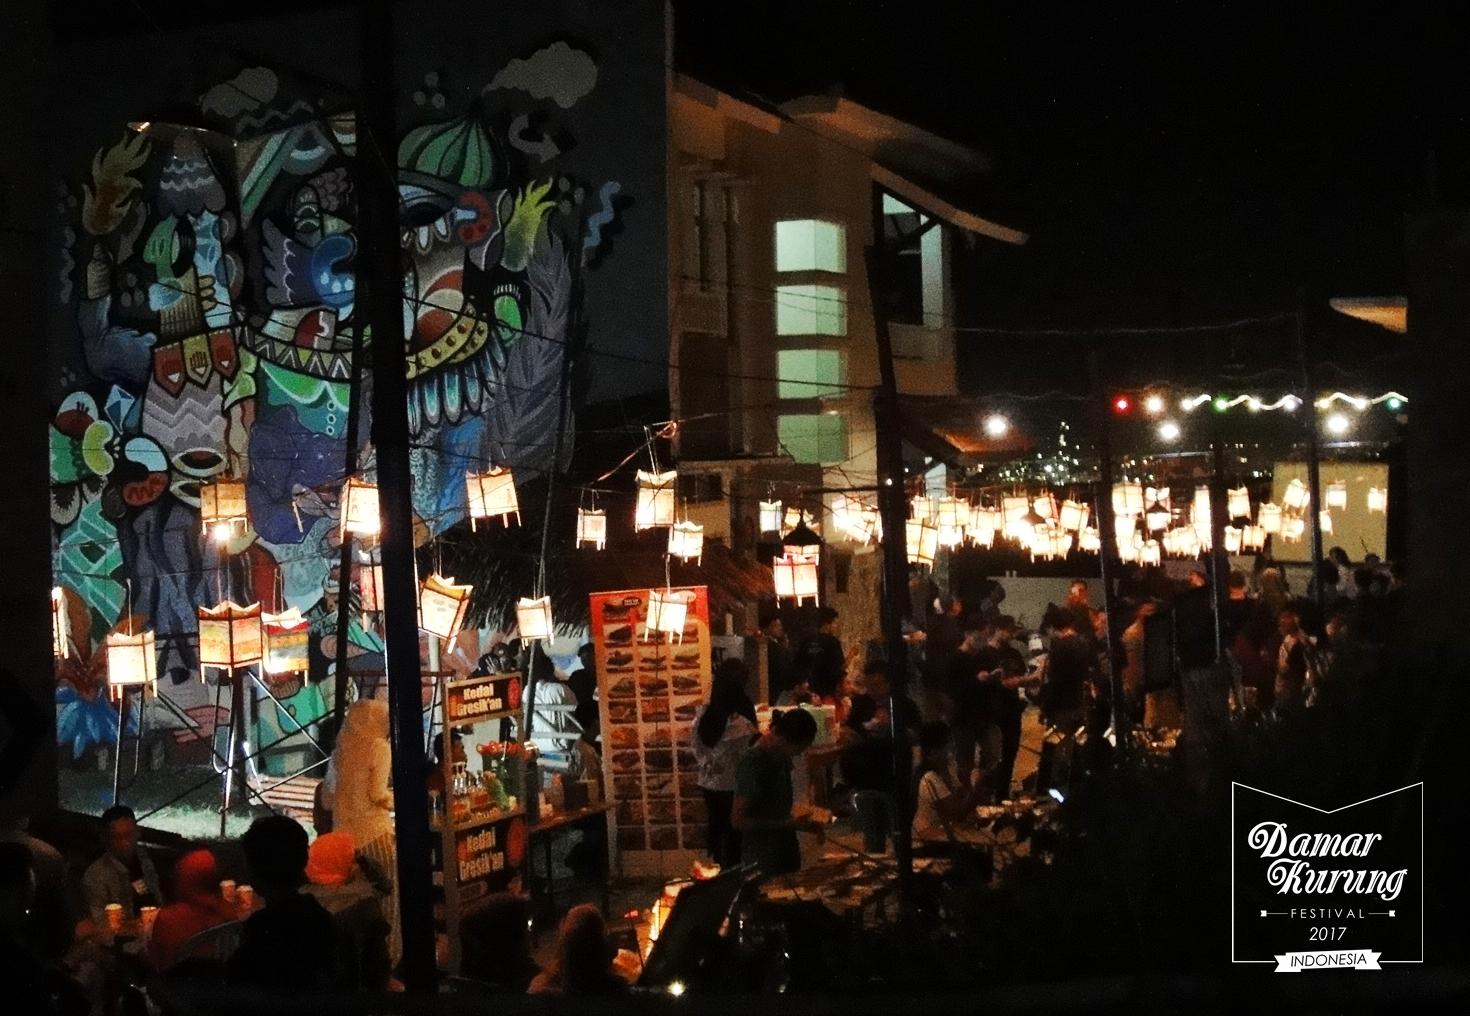 DamarKurung Festival tahun 2017 ini mengusung tema Cahaya, Kota dan Kenangan (foto: DamarKurung Festival)